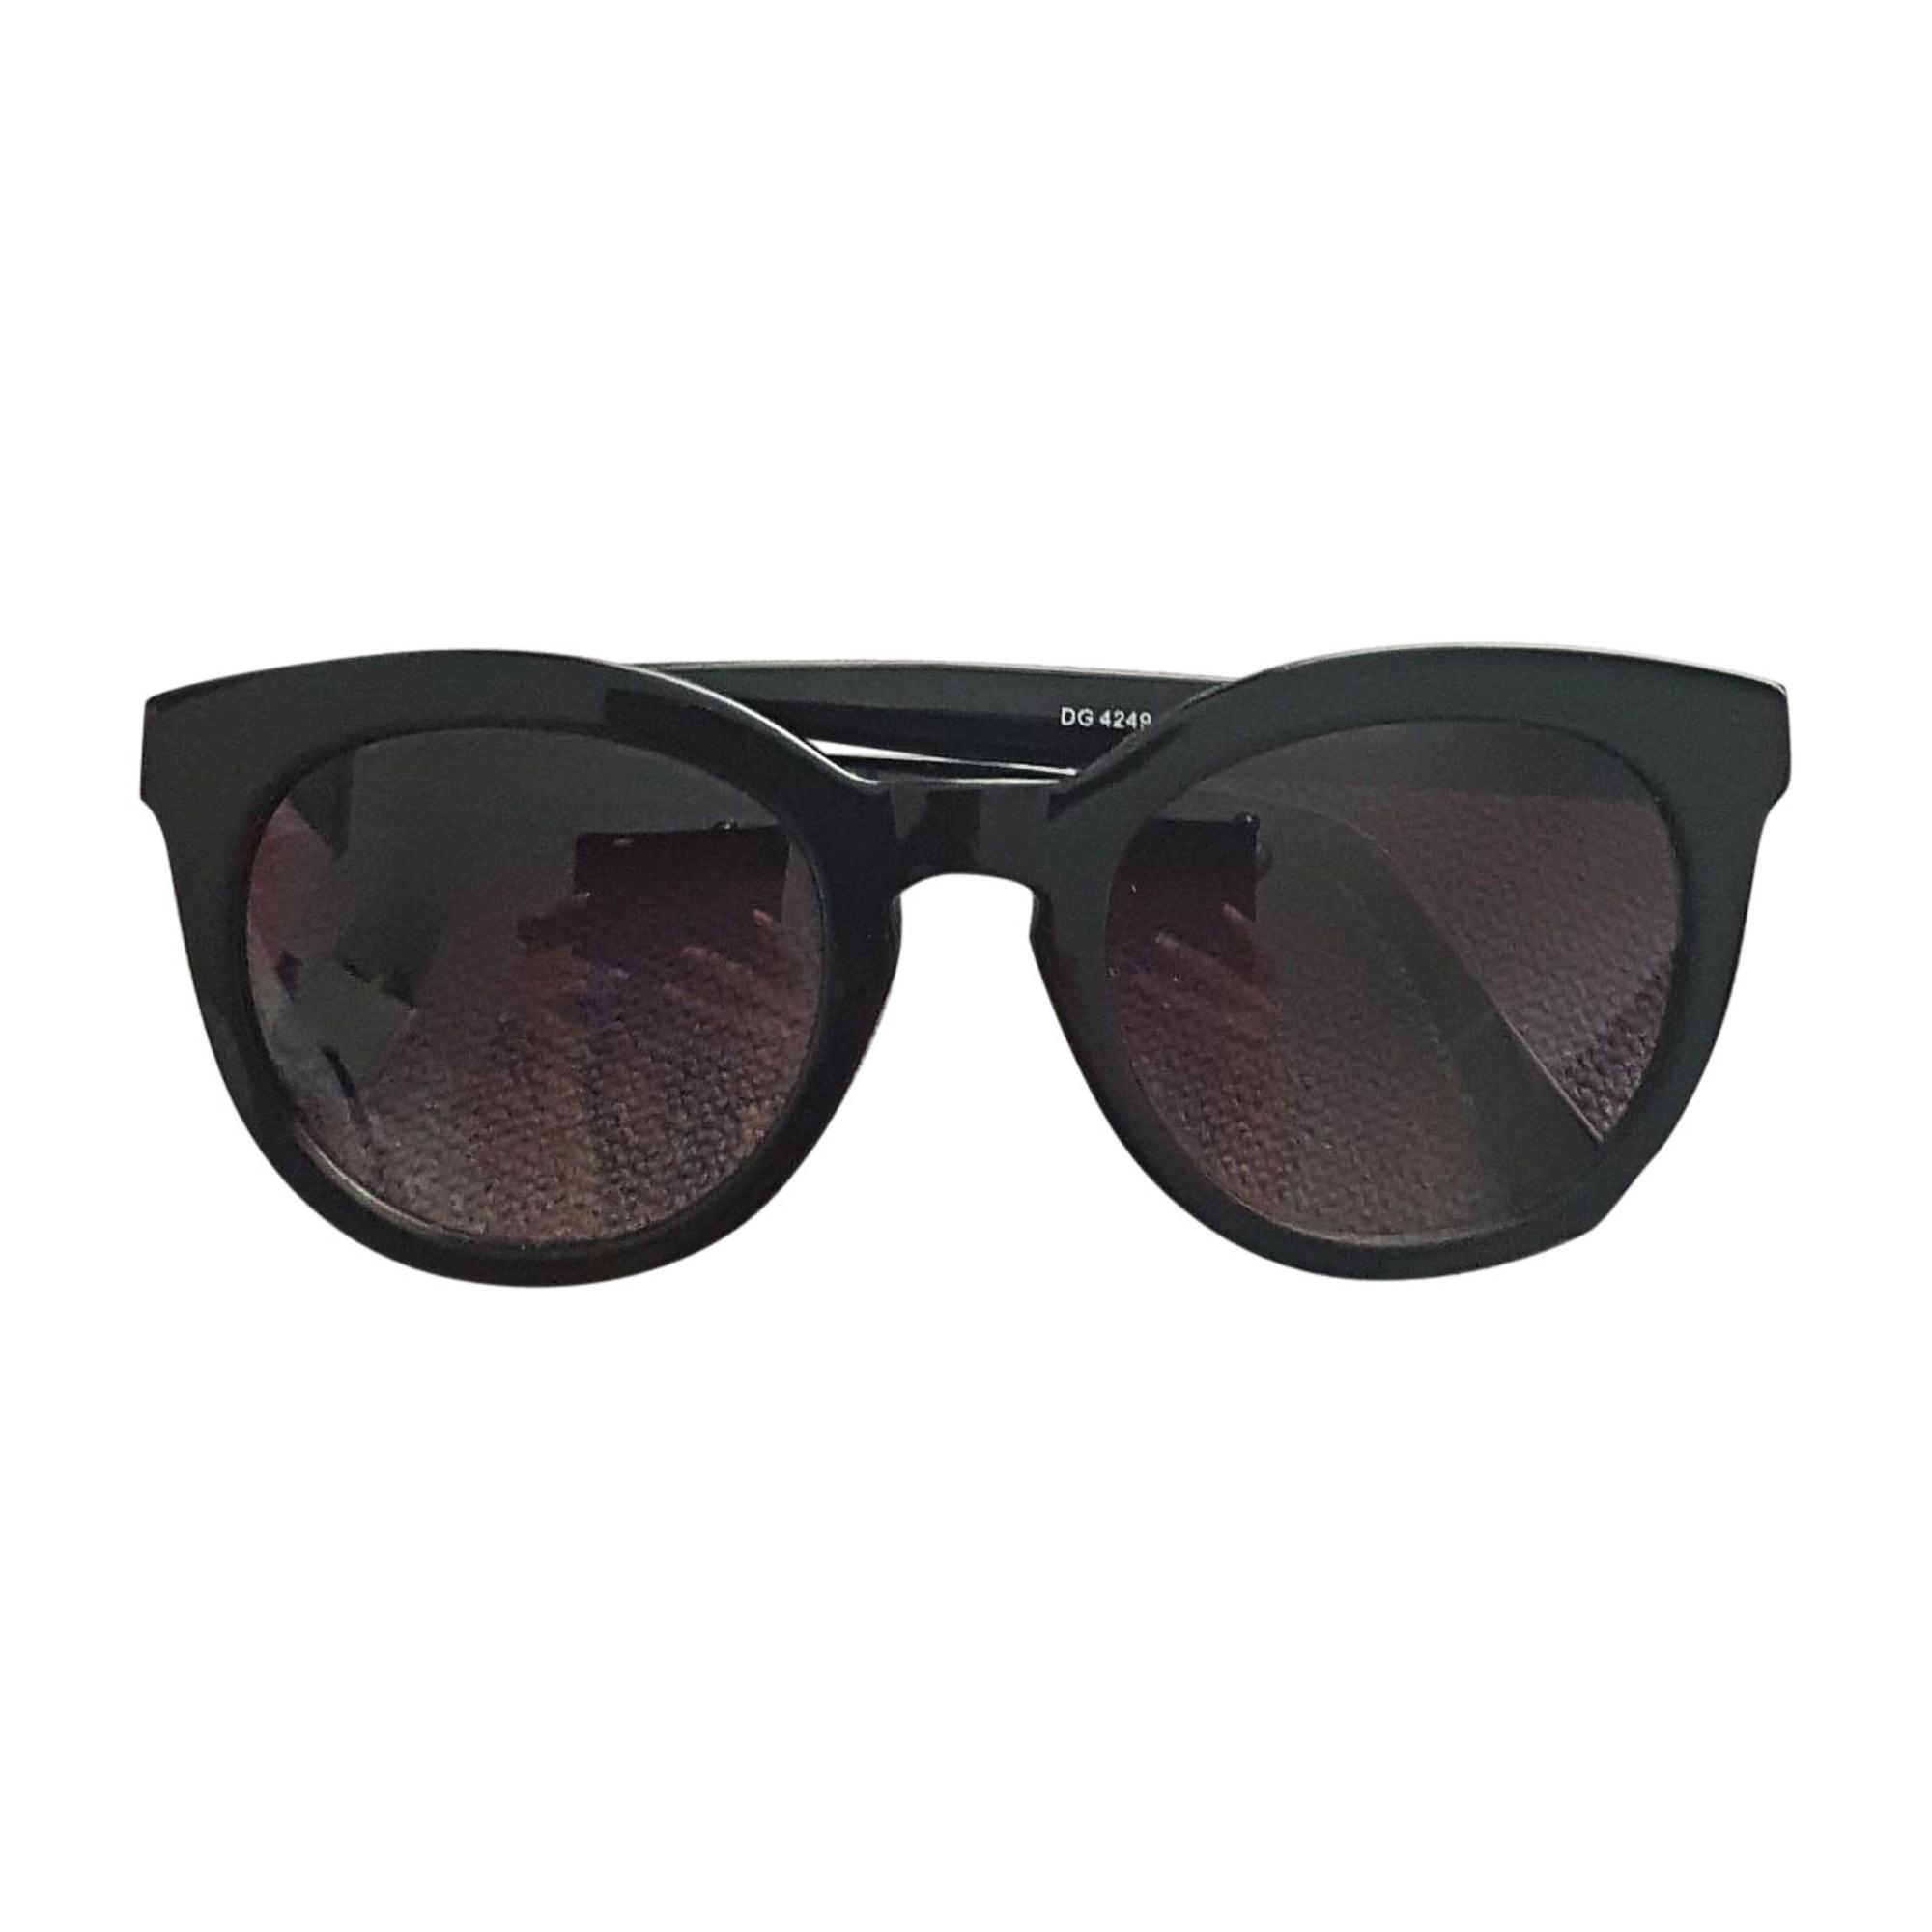 Sonnenbrille DOLCE & GABBANA Schwarz